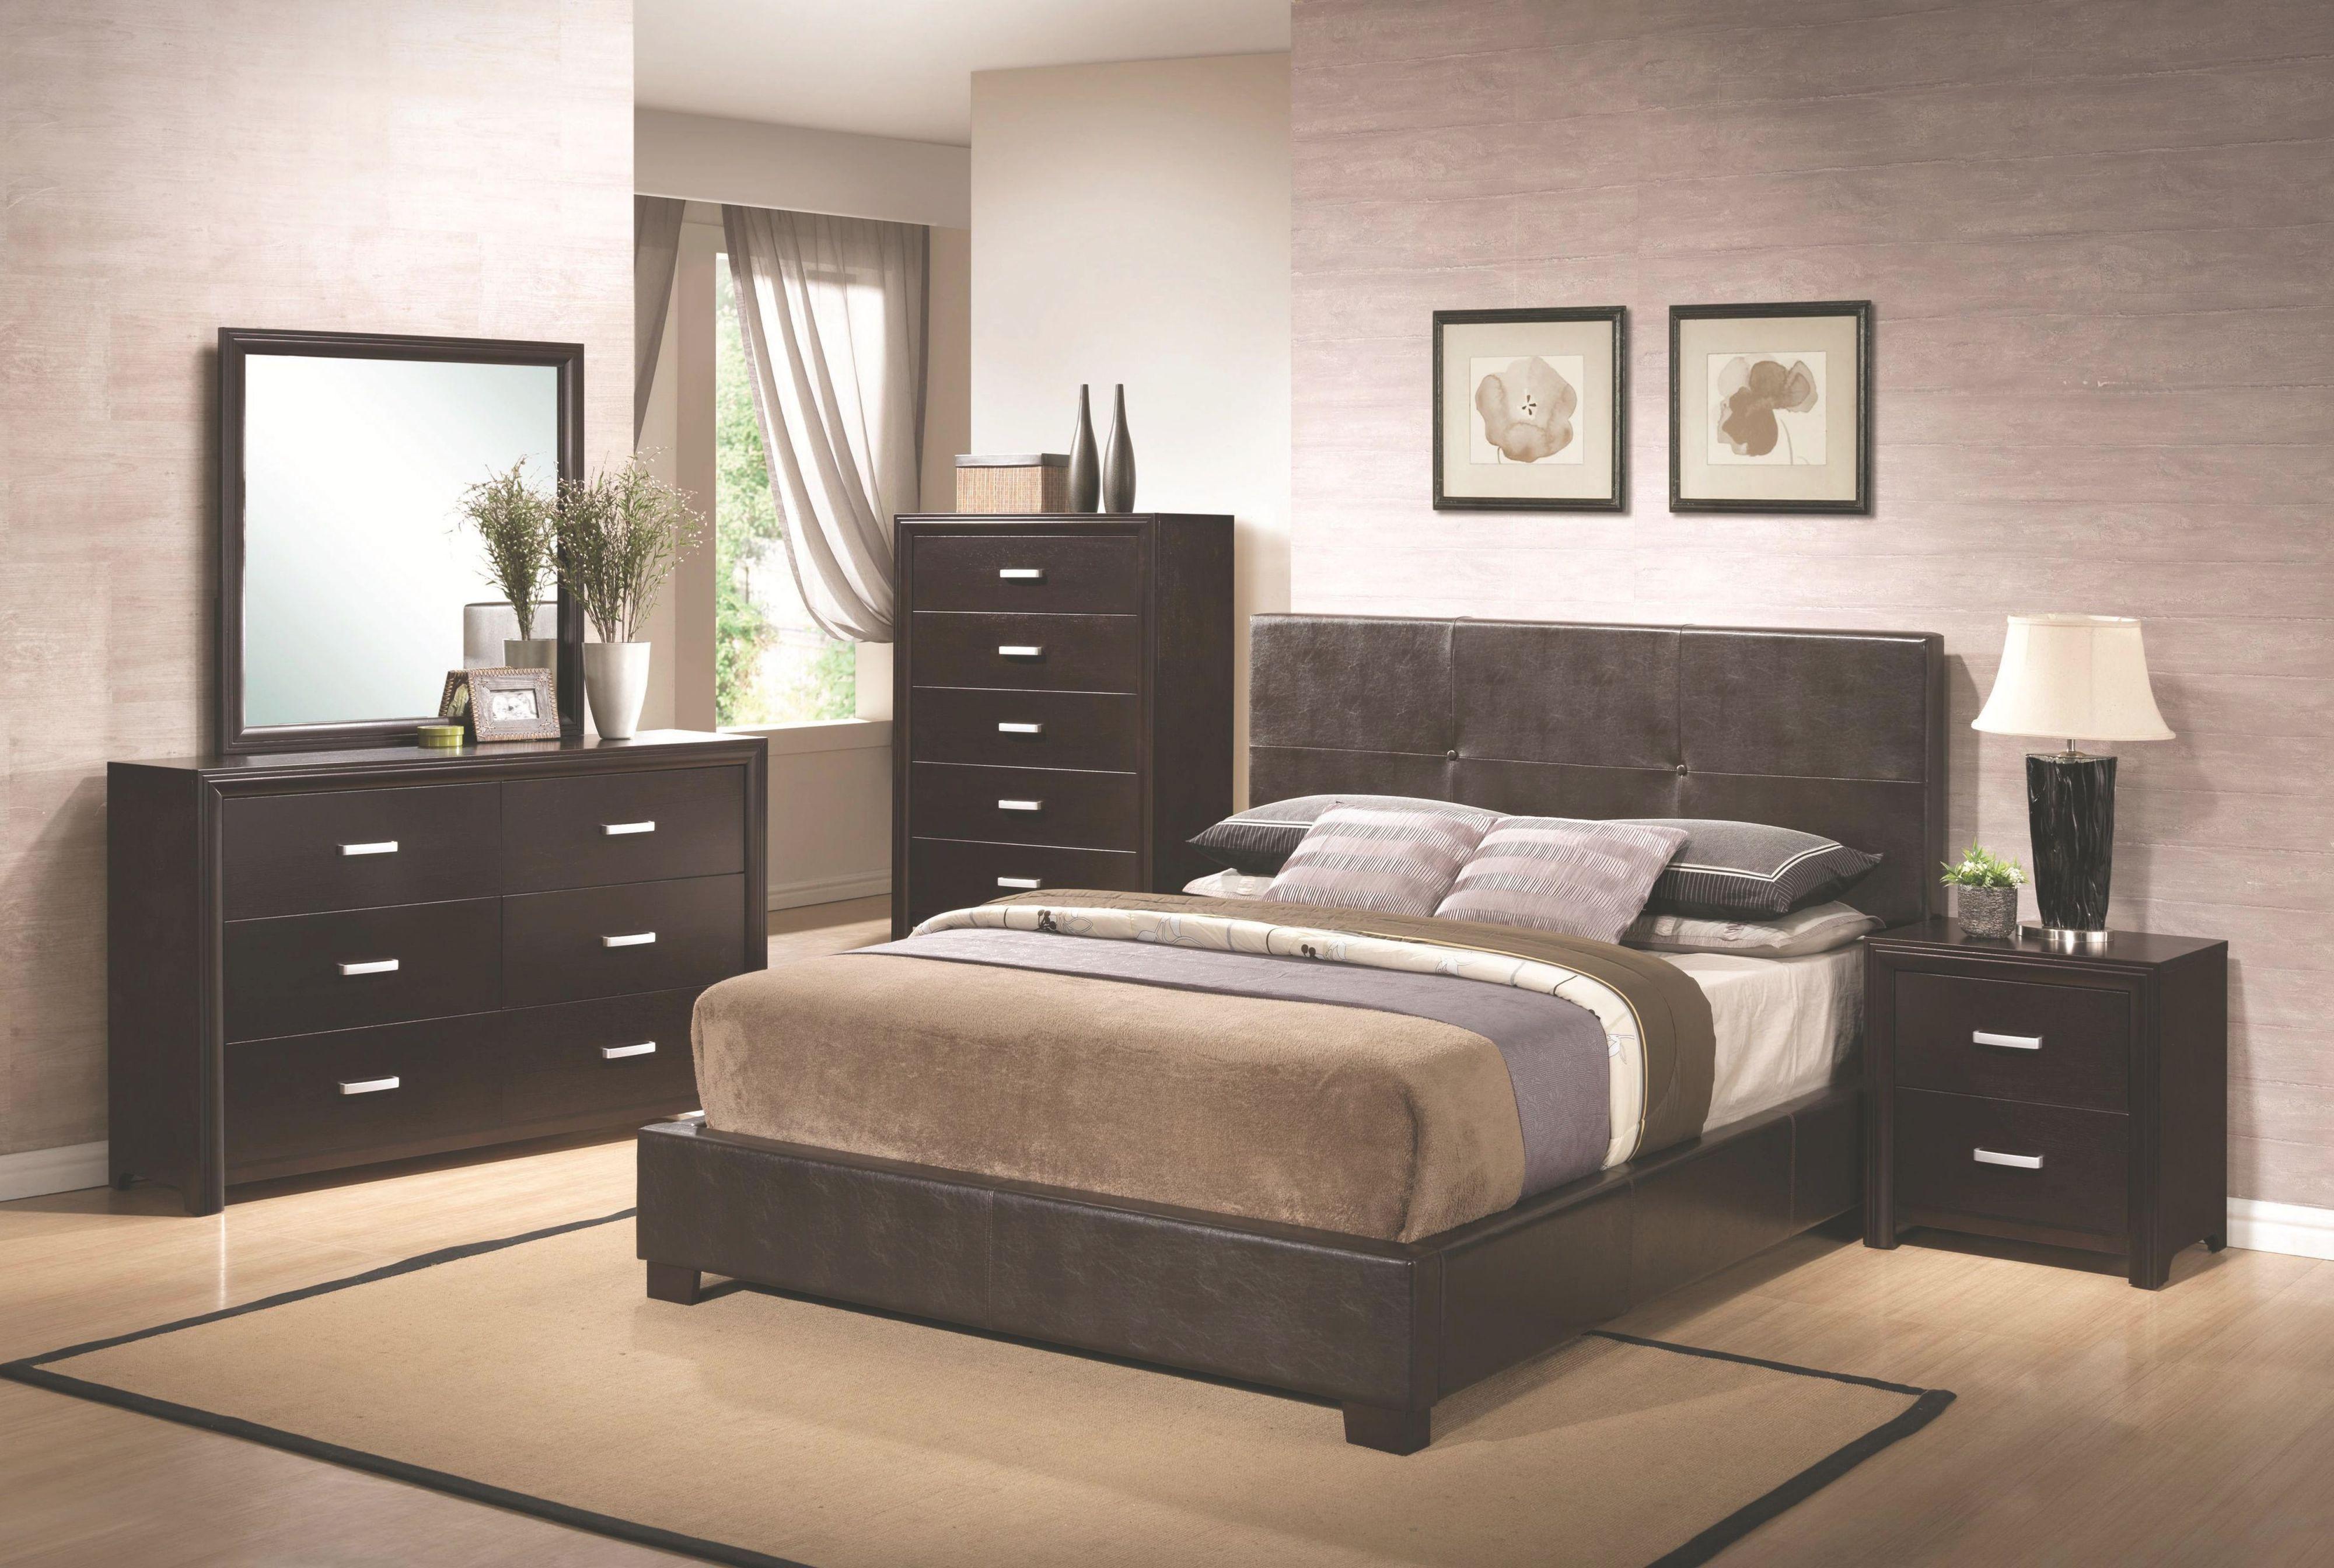 Master Bedroom Set Ideas #masterbedroomset Tags: Master with Fresh Bedroom Set Ideas